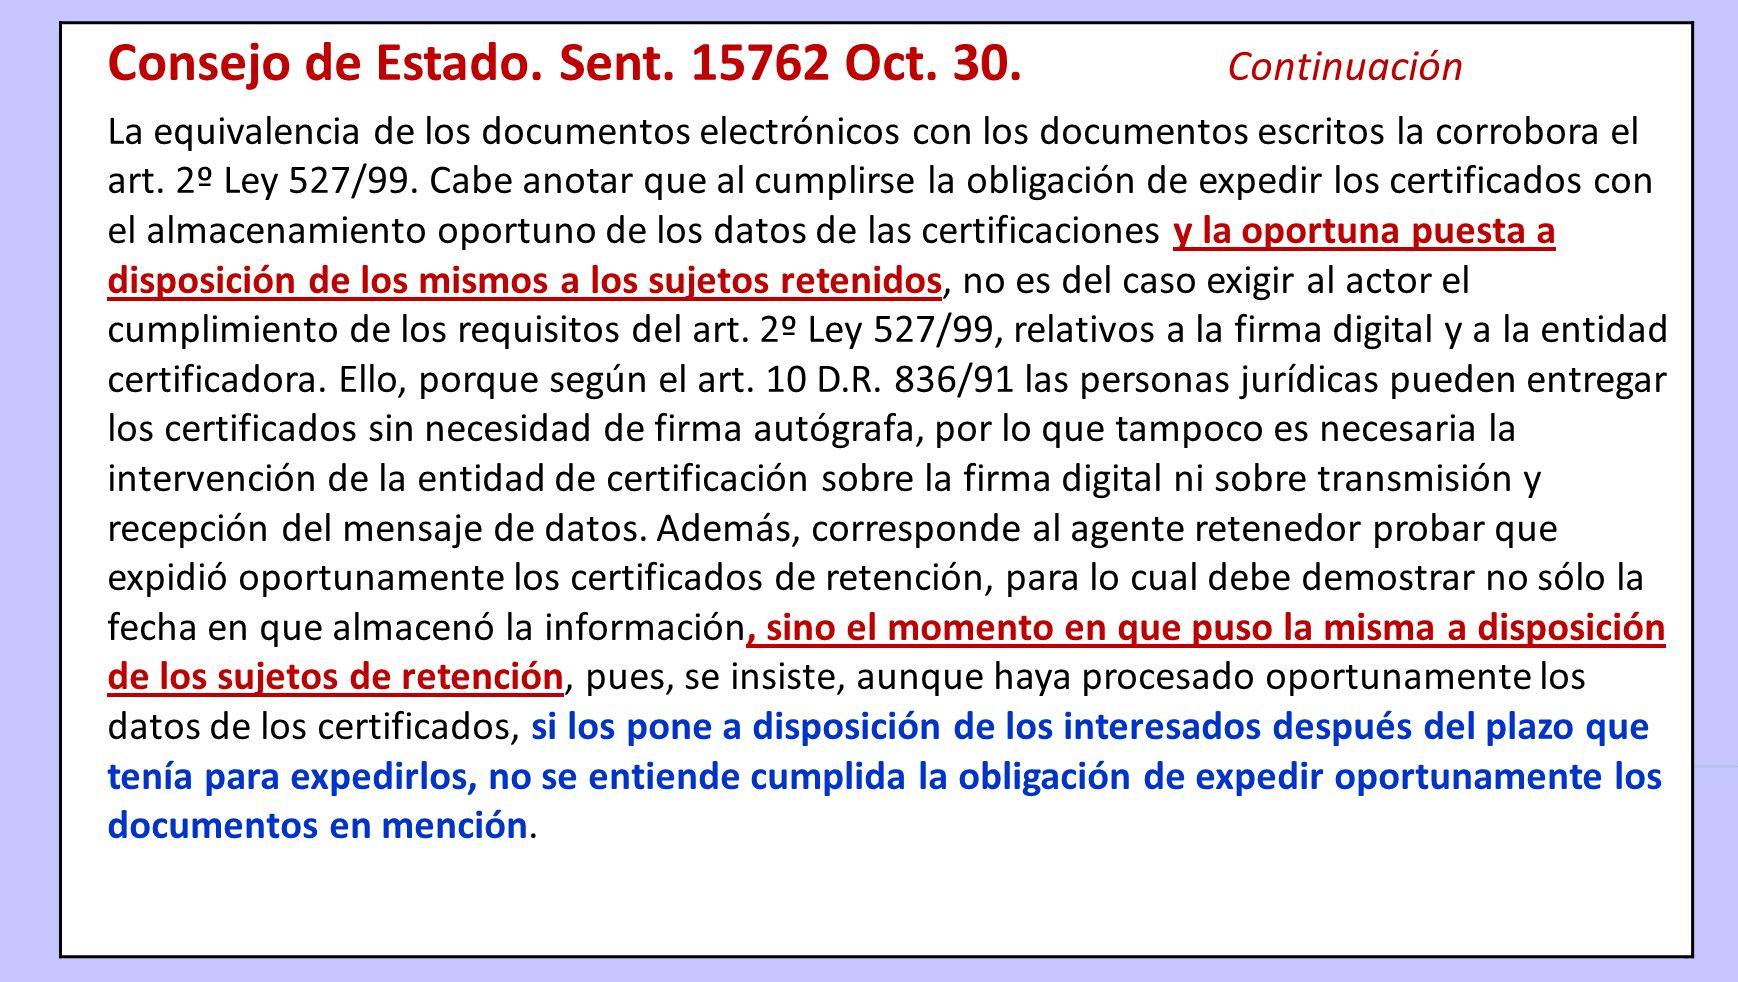 Consejo de Estado. Sent. 15762 Oct. 30. Continuación